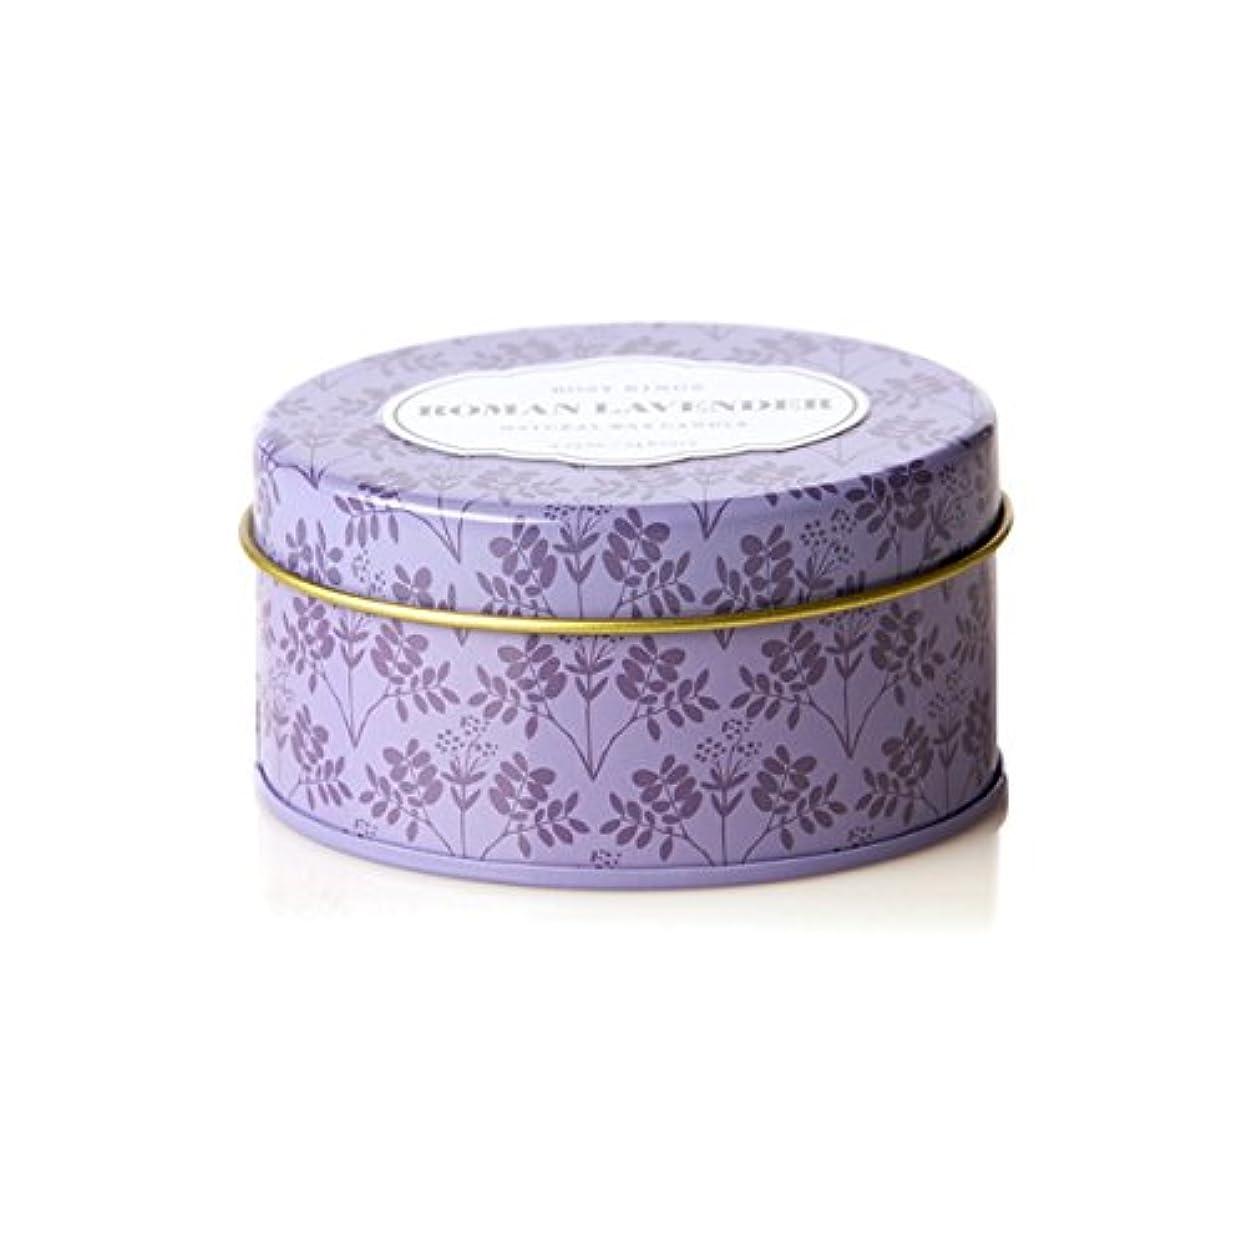 興奮する急性バルクロージーリングス トラベルティンキャンドル ロマンラベンダー ROSY RINGS Roman Lavender Travel Tin